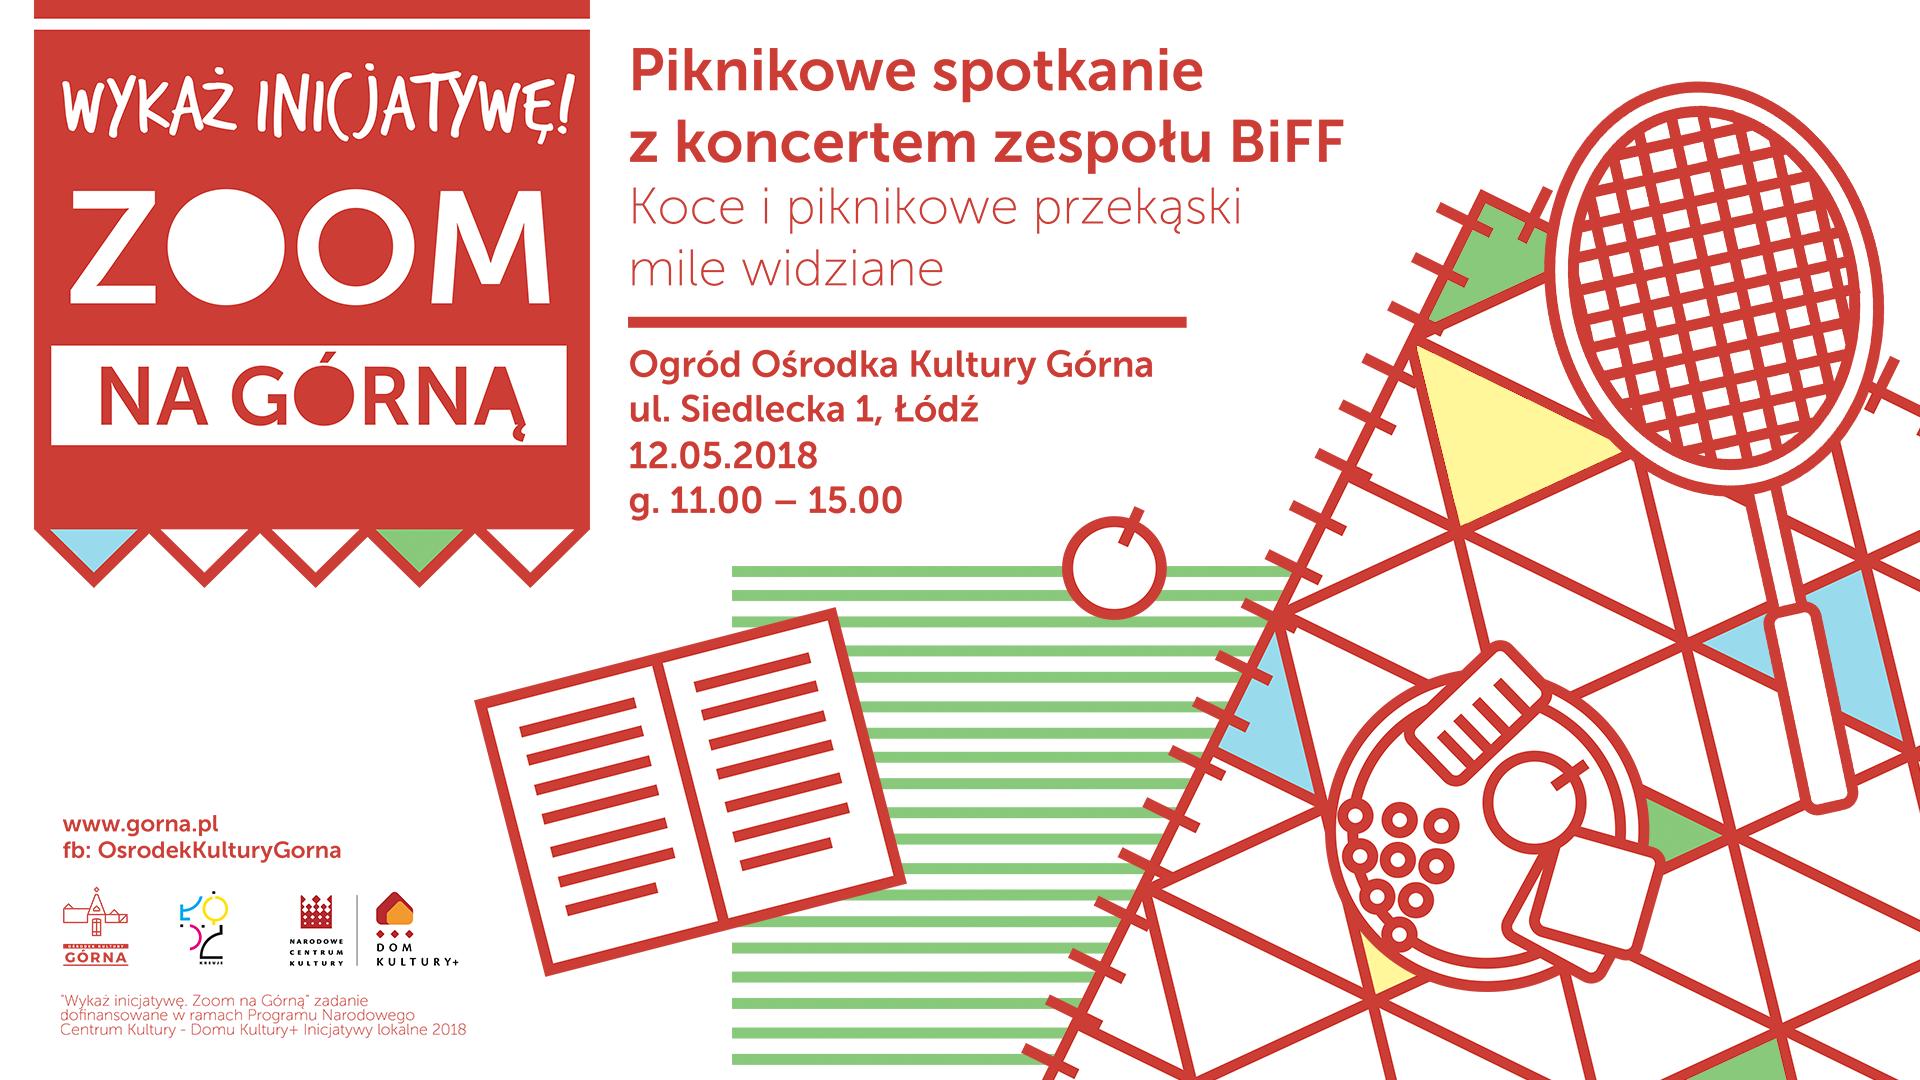 Piknikowe spotkanie + koncert zespołu BiFFw Ośrodku Kultury Górna